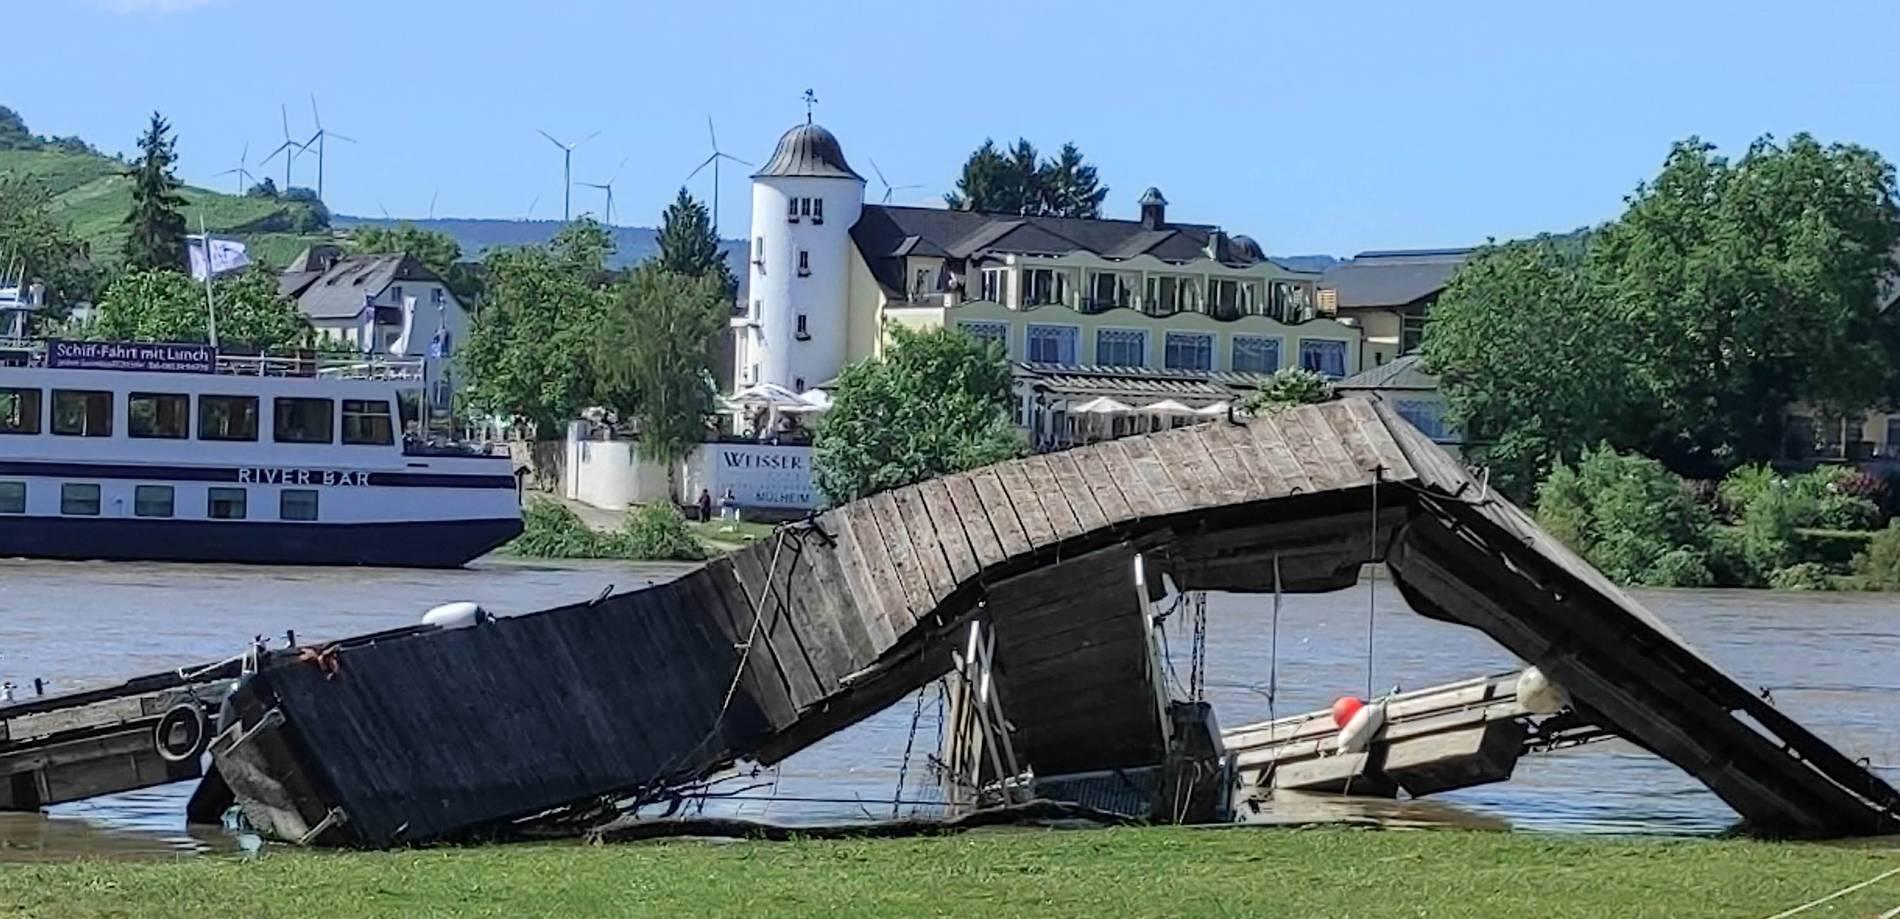 Vernielde steiger op de Moezel. Foto Volksfreund.de